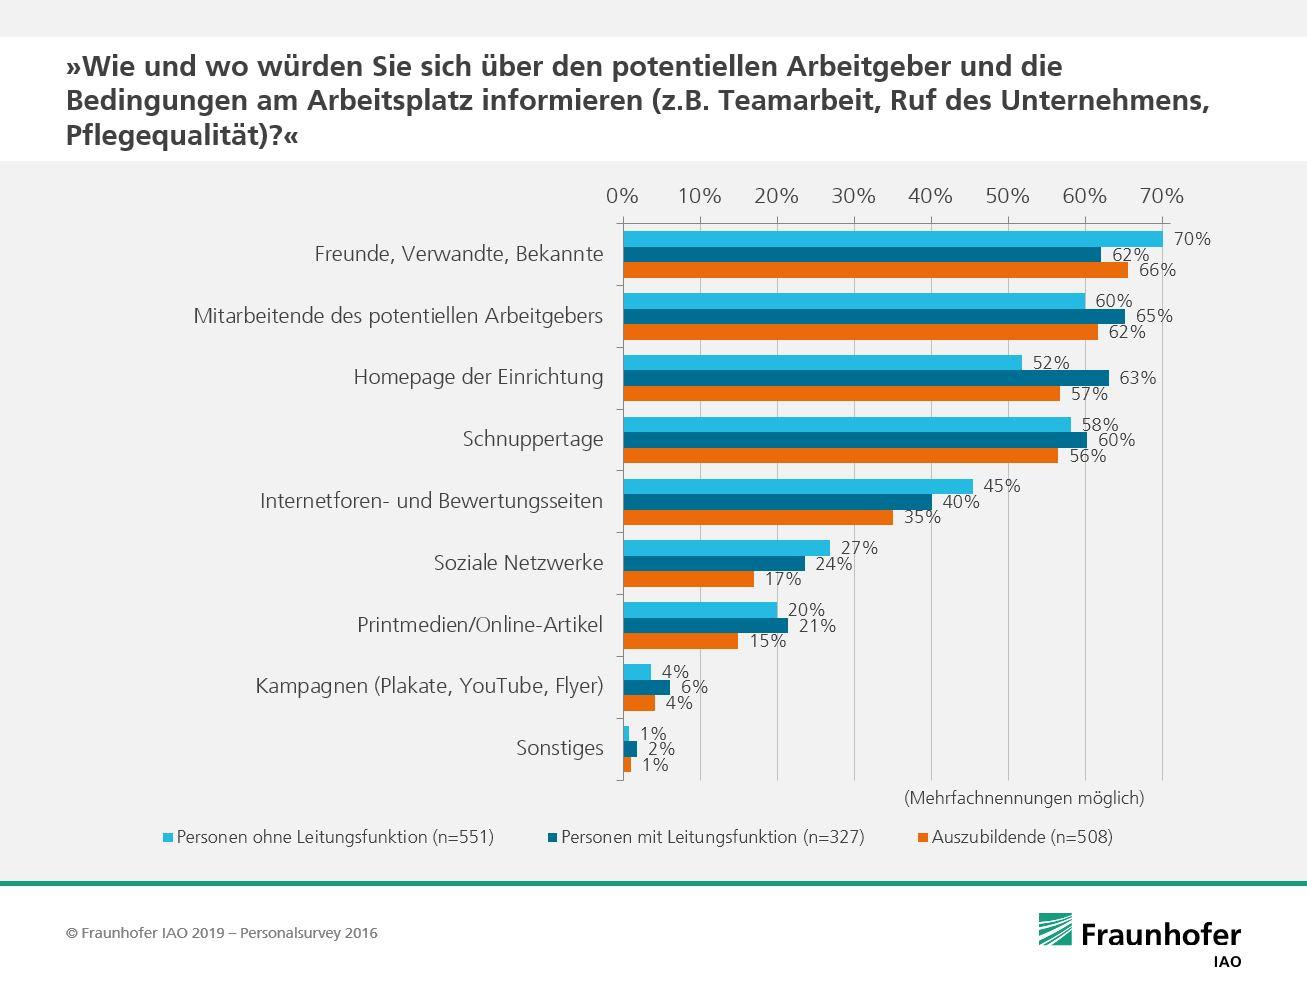 Personalsurvey-Grafik: Wie und wo würden Sie sich über den potentiellen Arbeitgeber und die Bedingungen am Arbeitsplatz informieren (z.B. Teamarbeit, Ruf des Unternehmens, Pflegequalität)?